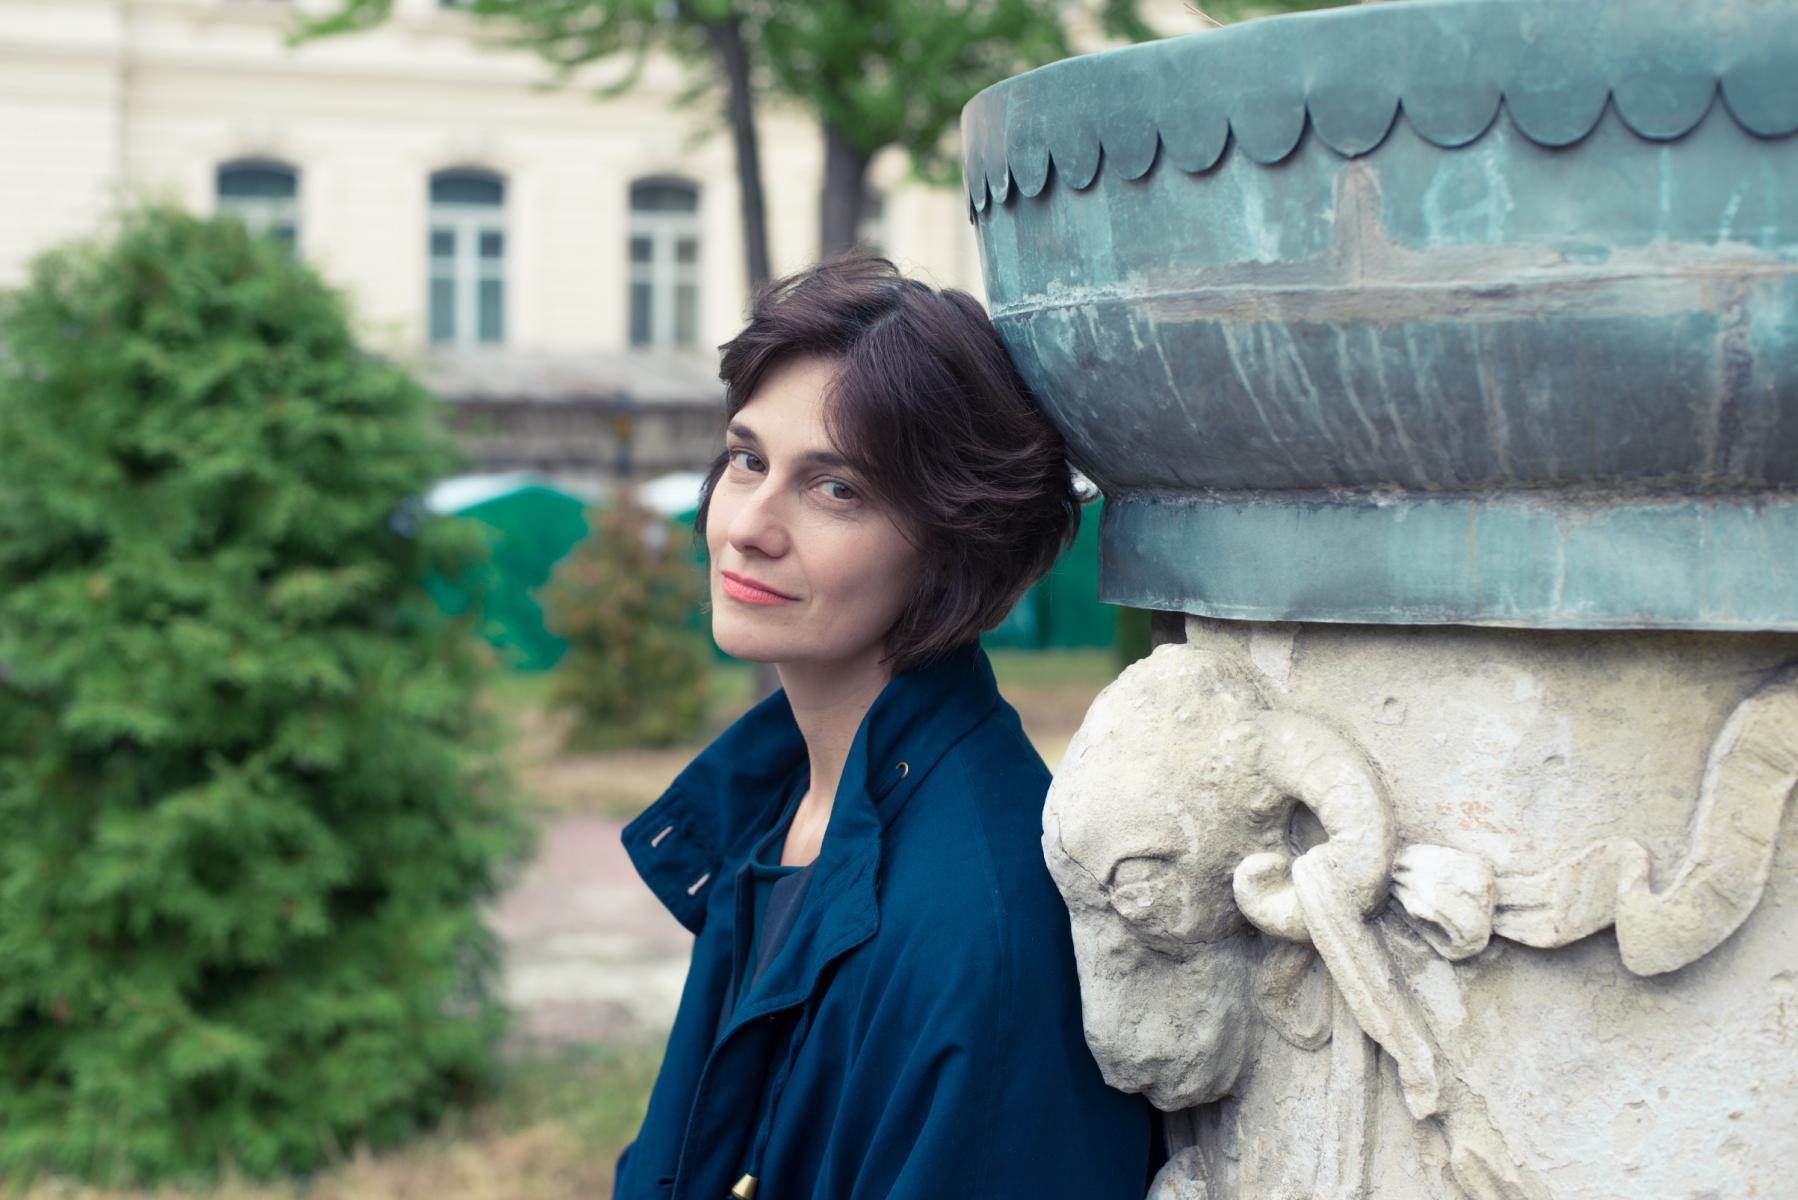 Фото: Олександр Заклецький / zbruc.eu